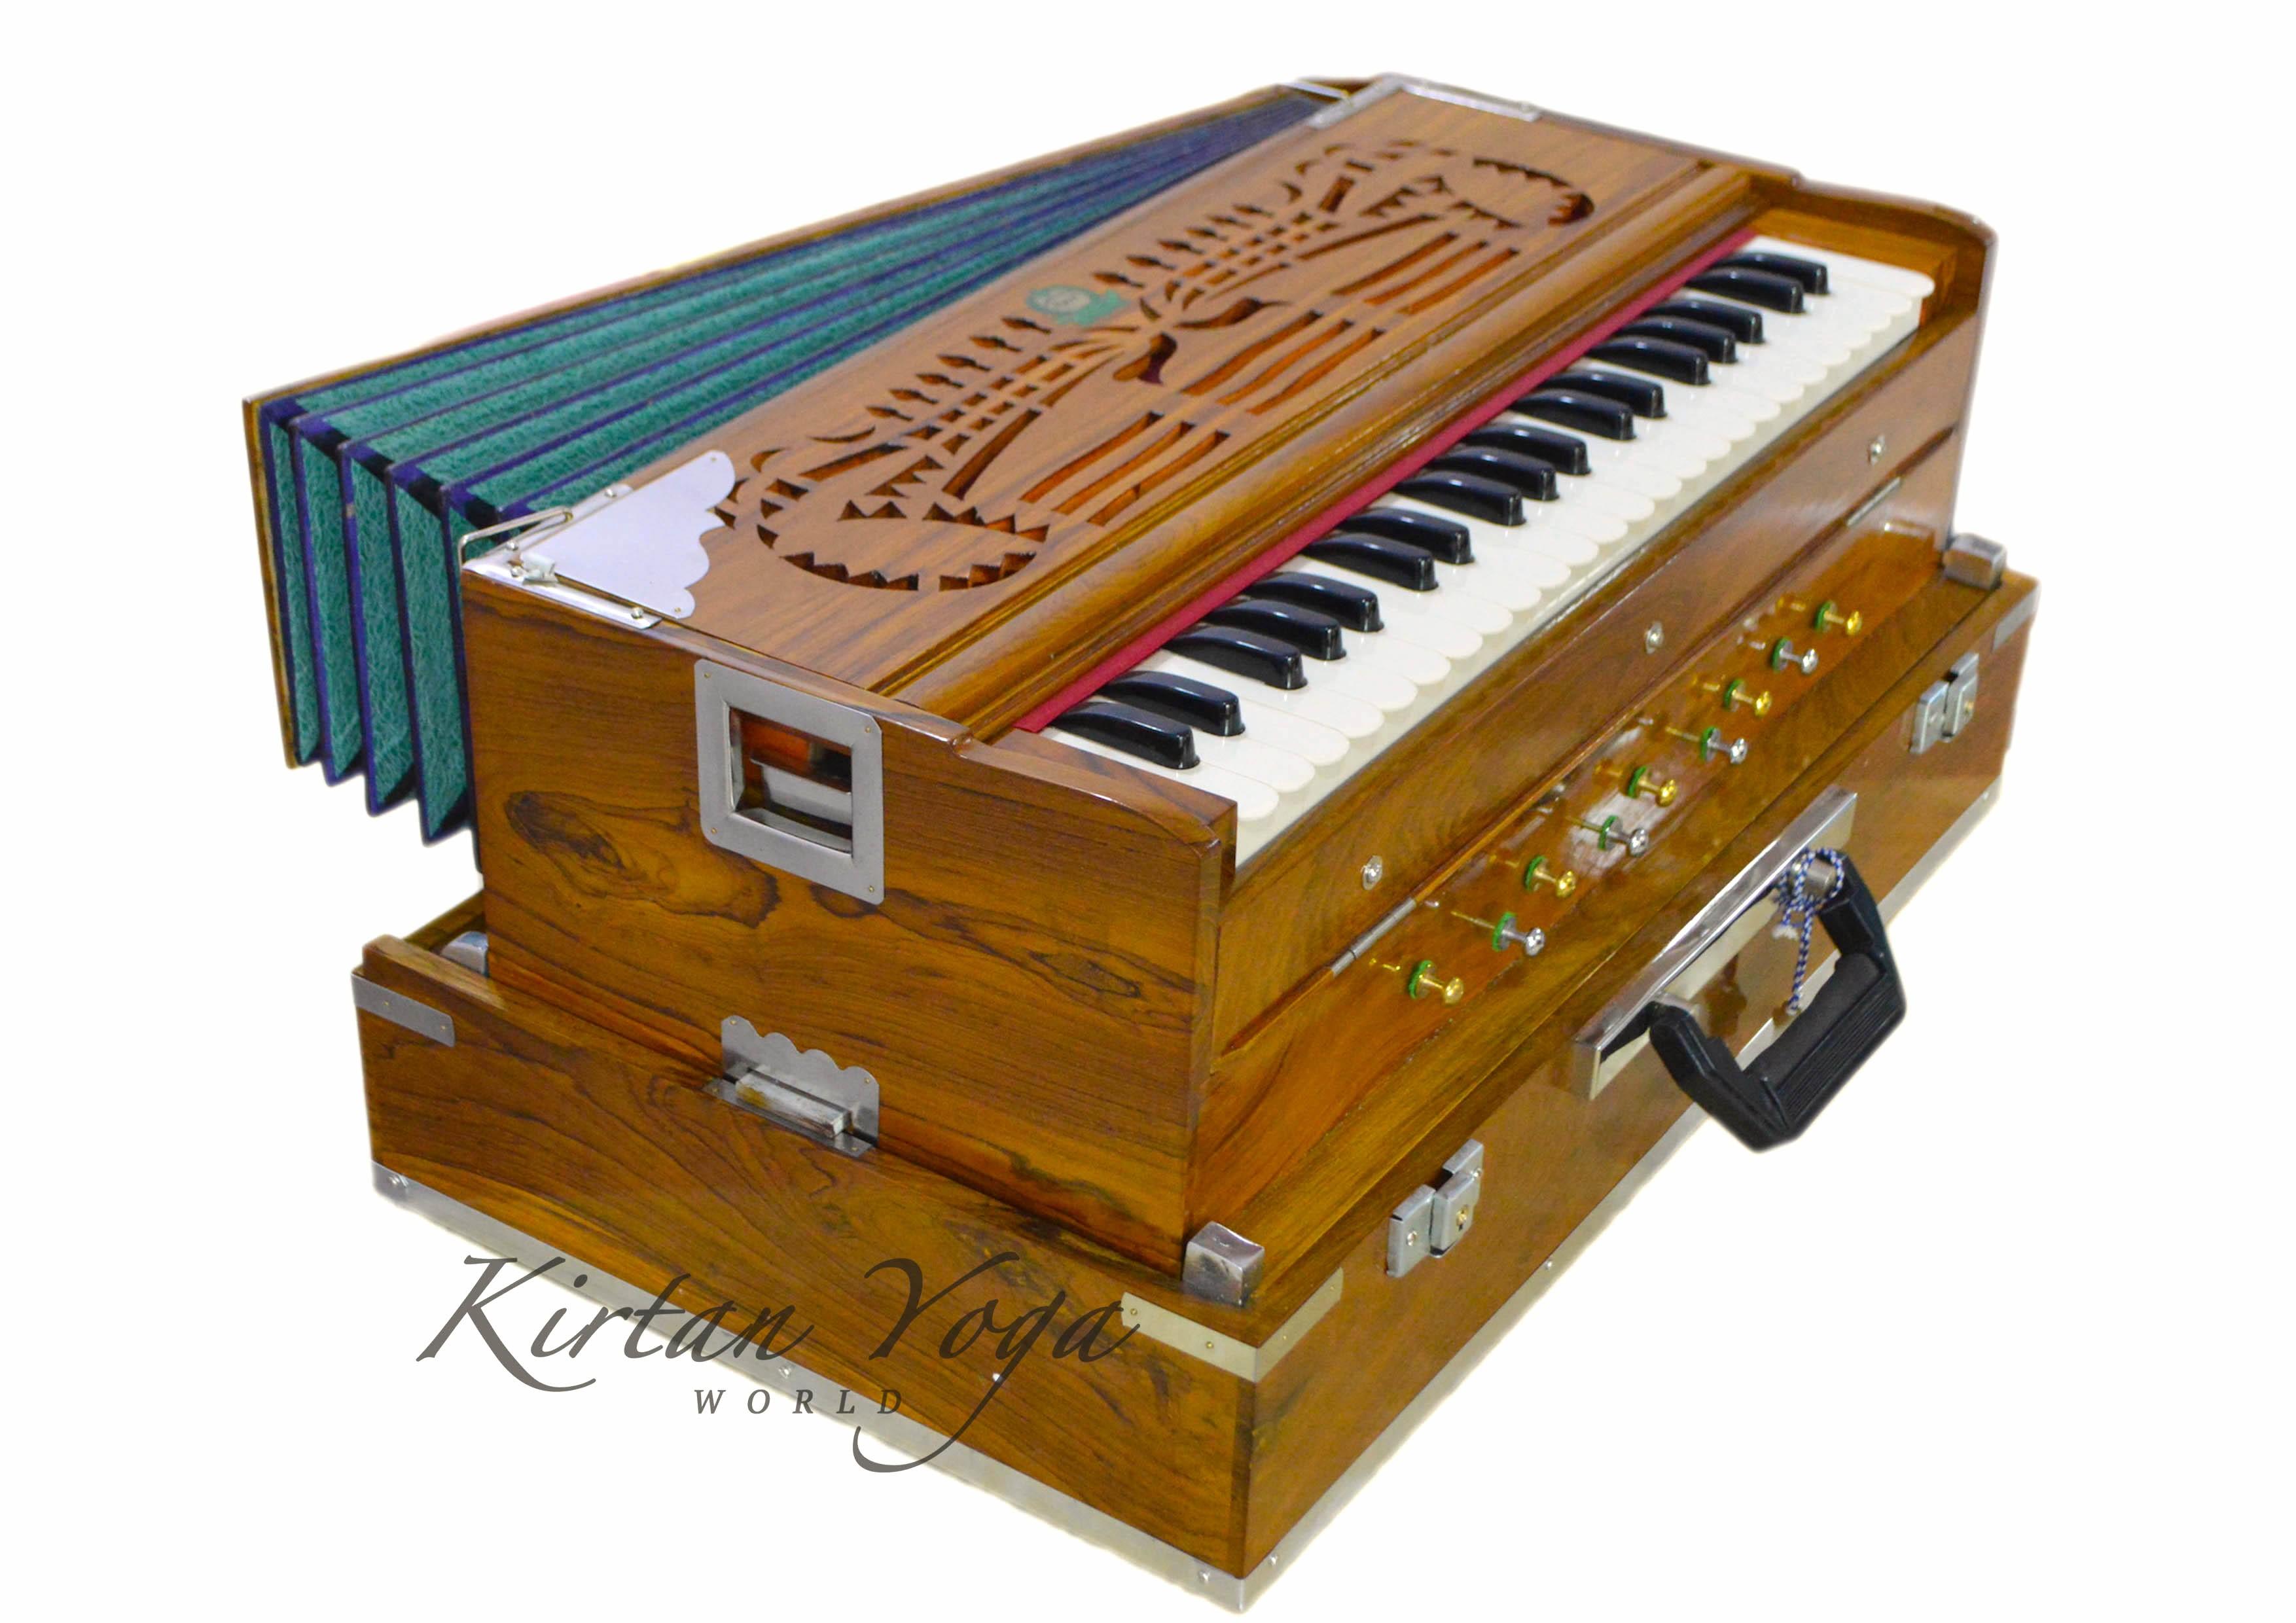 Buy Harmonium Online, Harmonium for Sale, Professional Harmonium